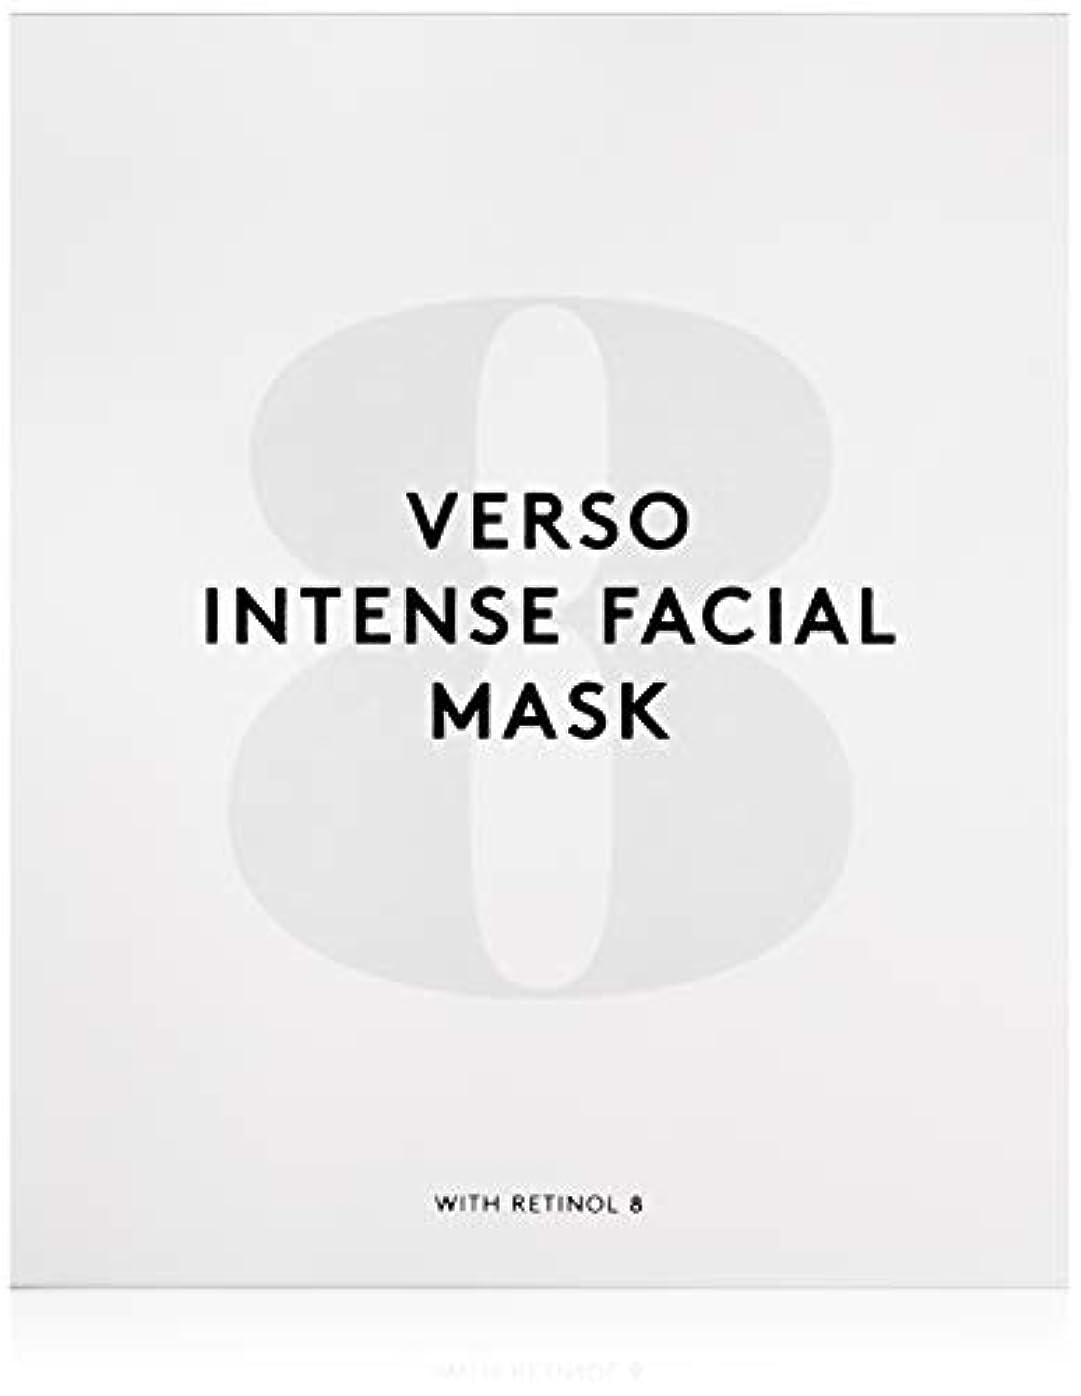 感覚講義寸法ヴェルソスキンケア インテンスフェイシャルマスク 4x25g/0.88oz